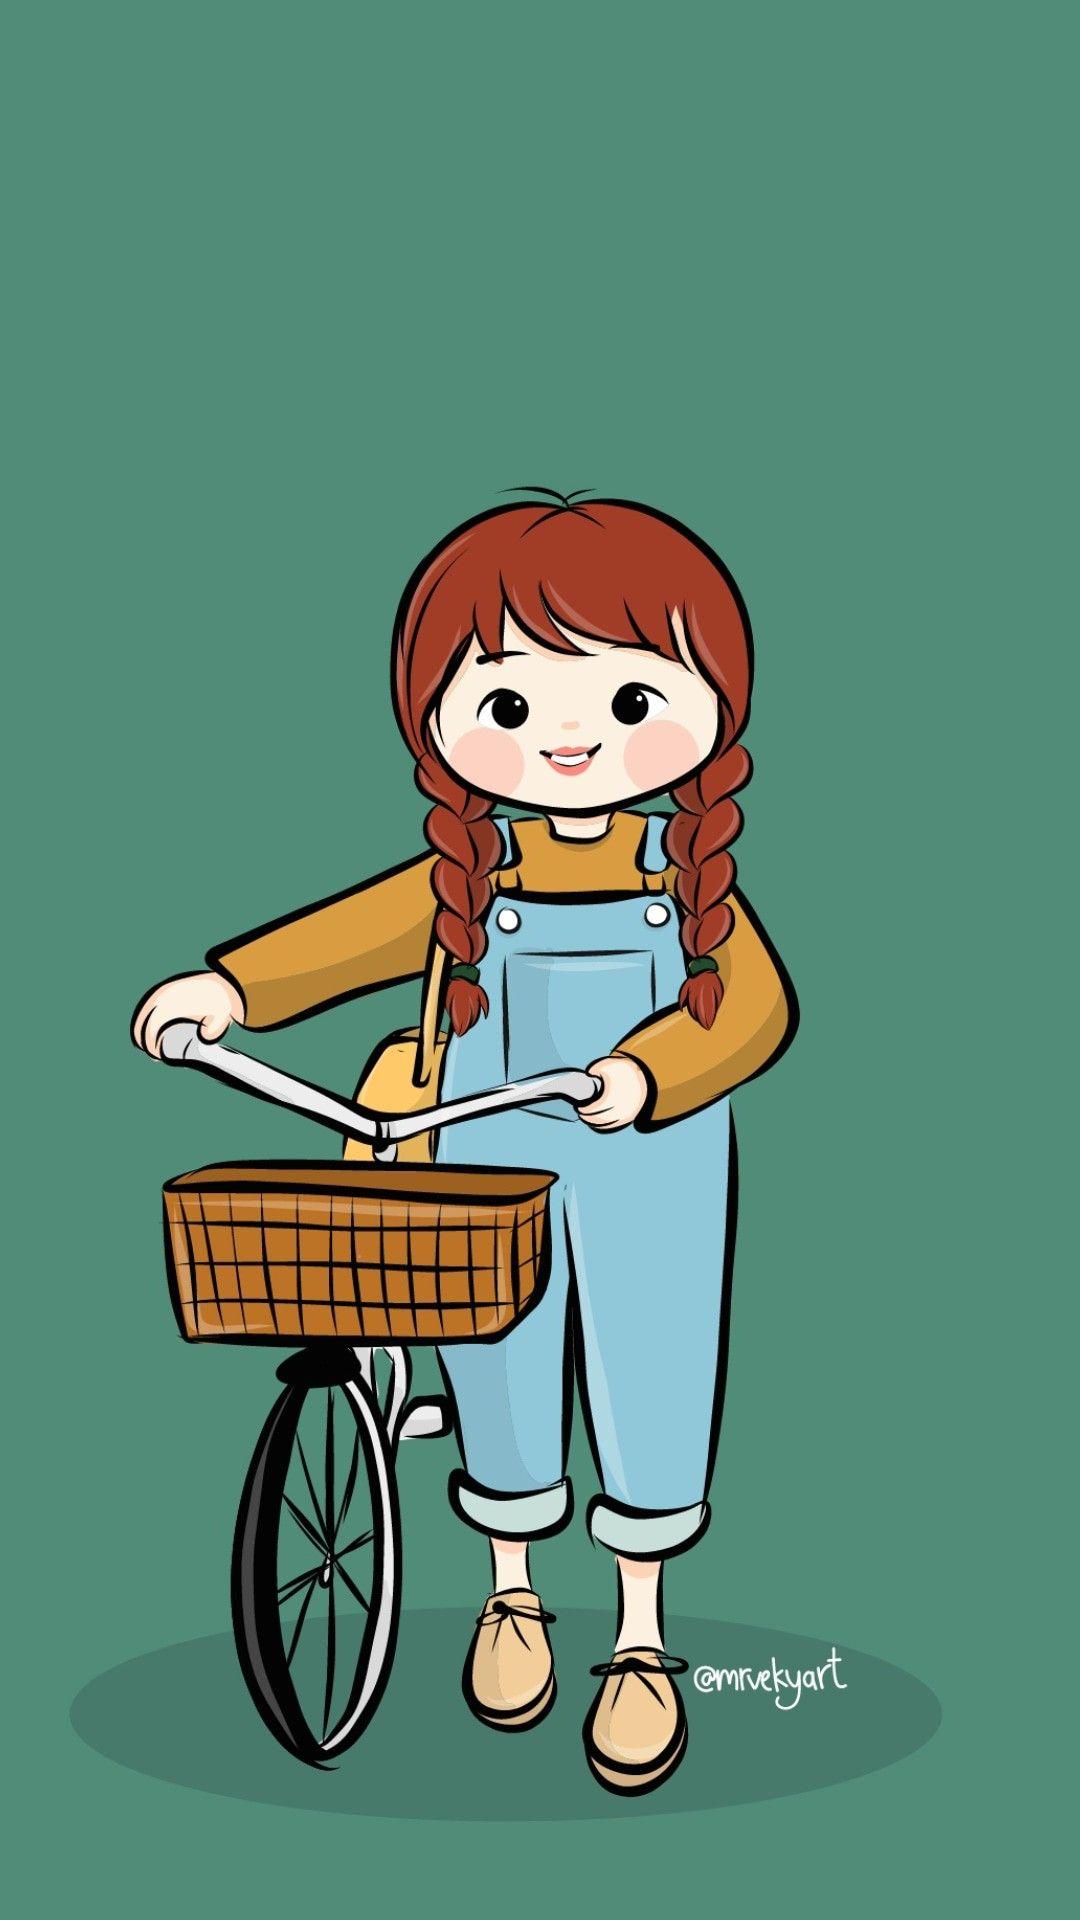 Cute illustration TİCARİ AMAÇLA KULLANMAYIN LÜTFEN